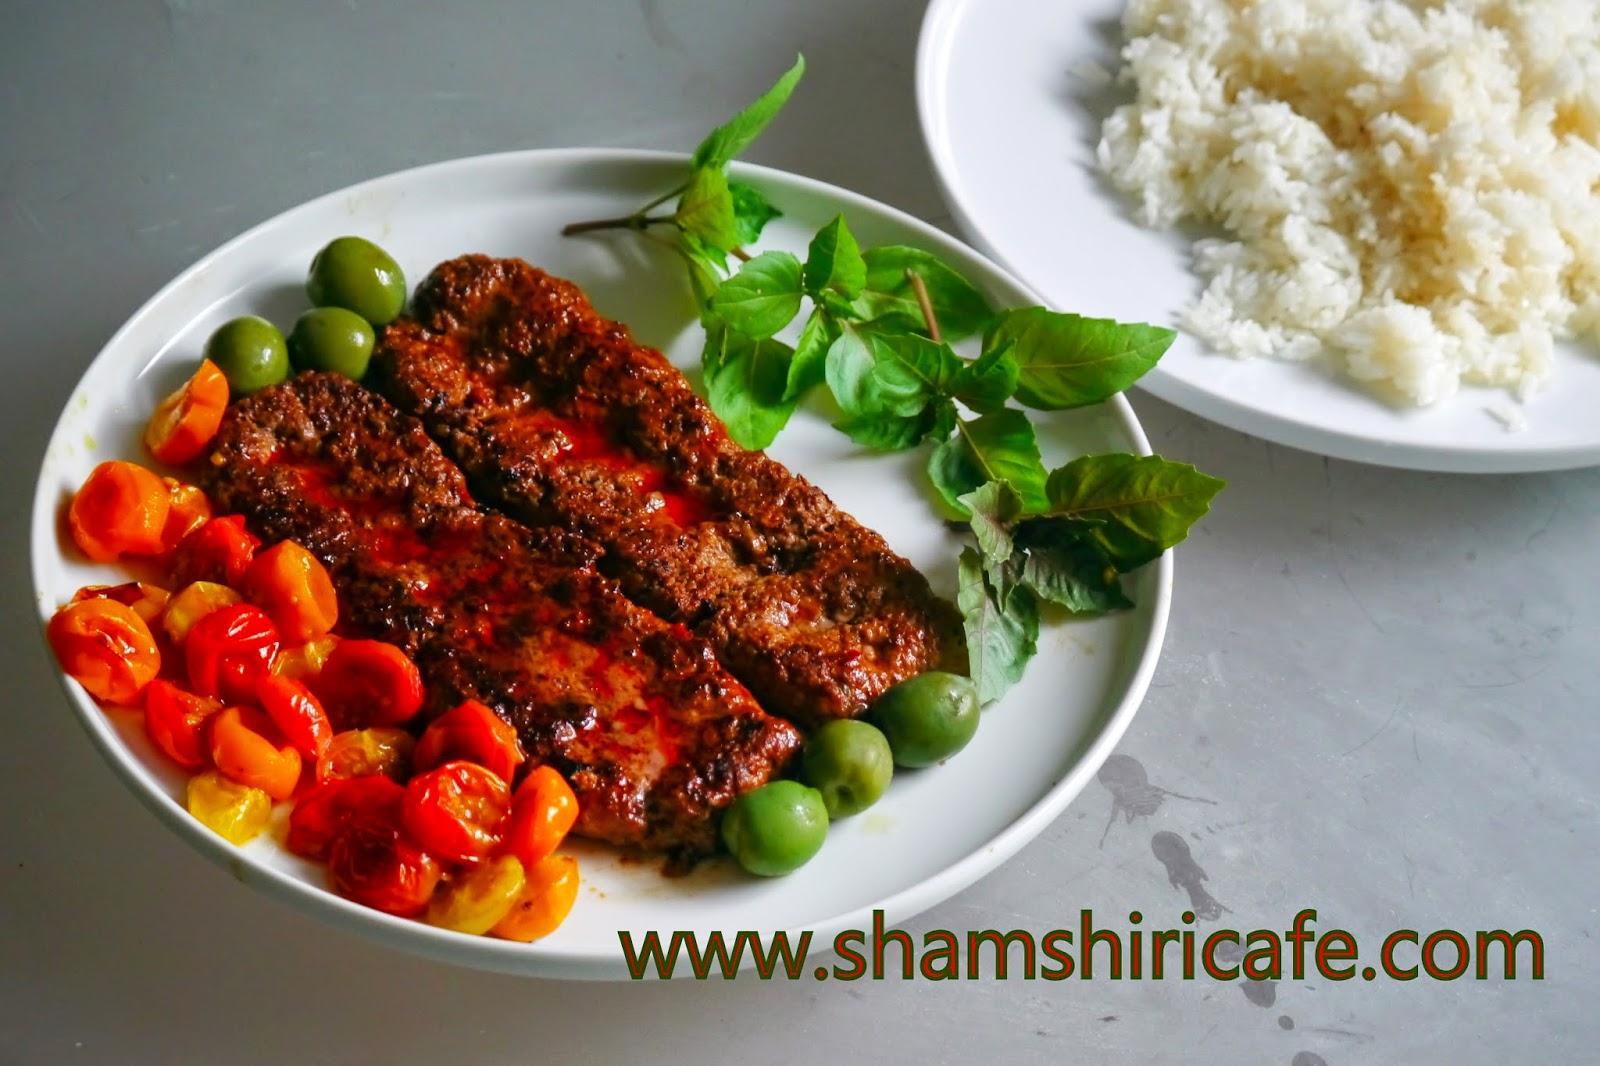 انواع تزیین های کباب تابه ای زیبا جالب Welcome to Shamshiri cafe: September 2014